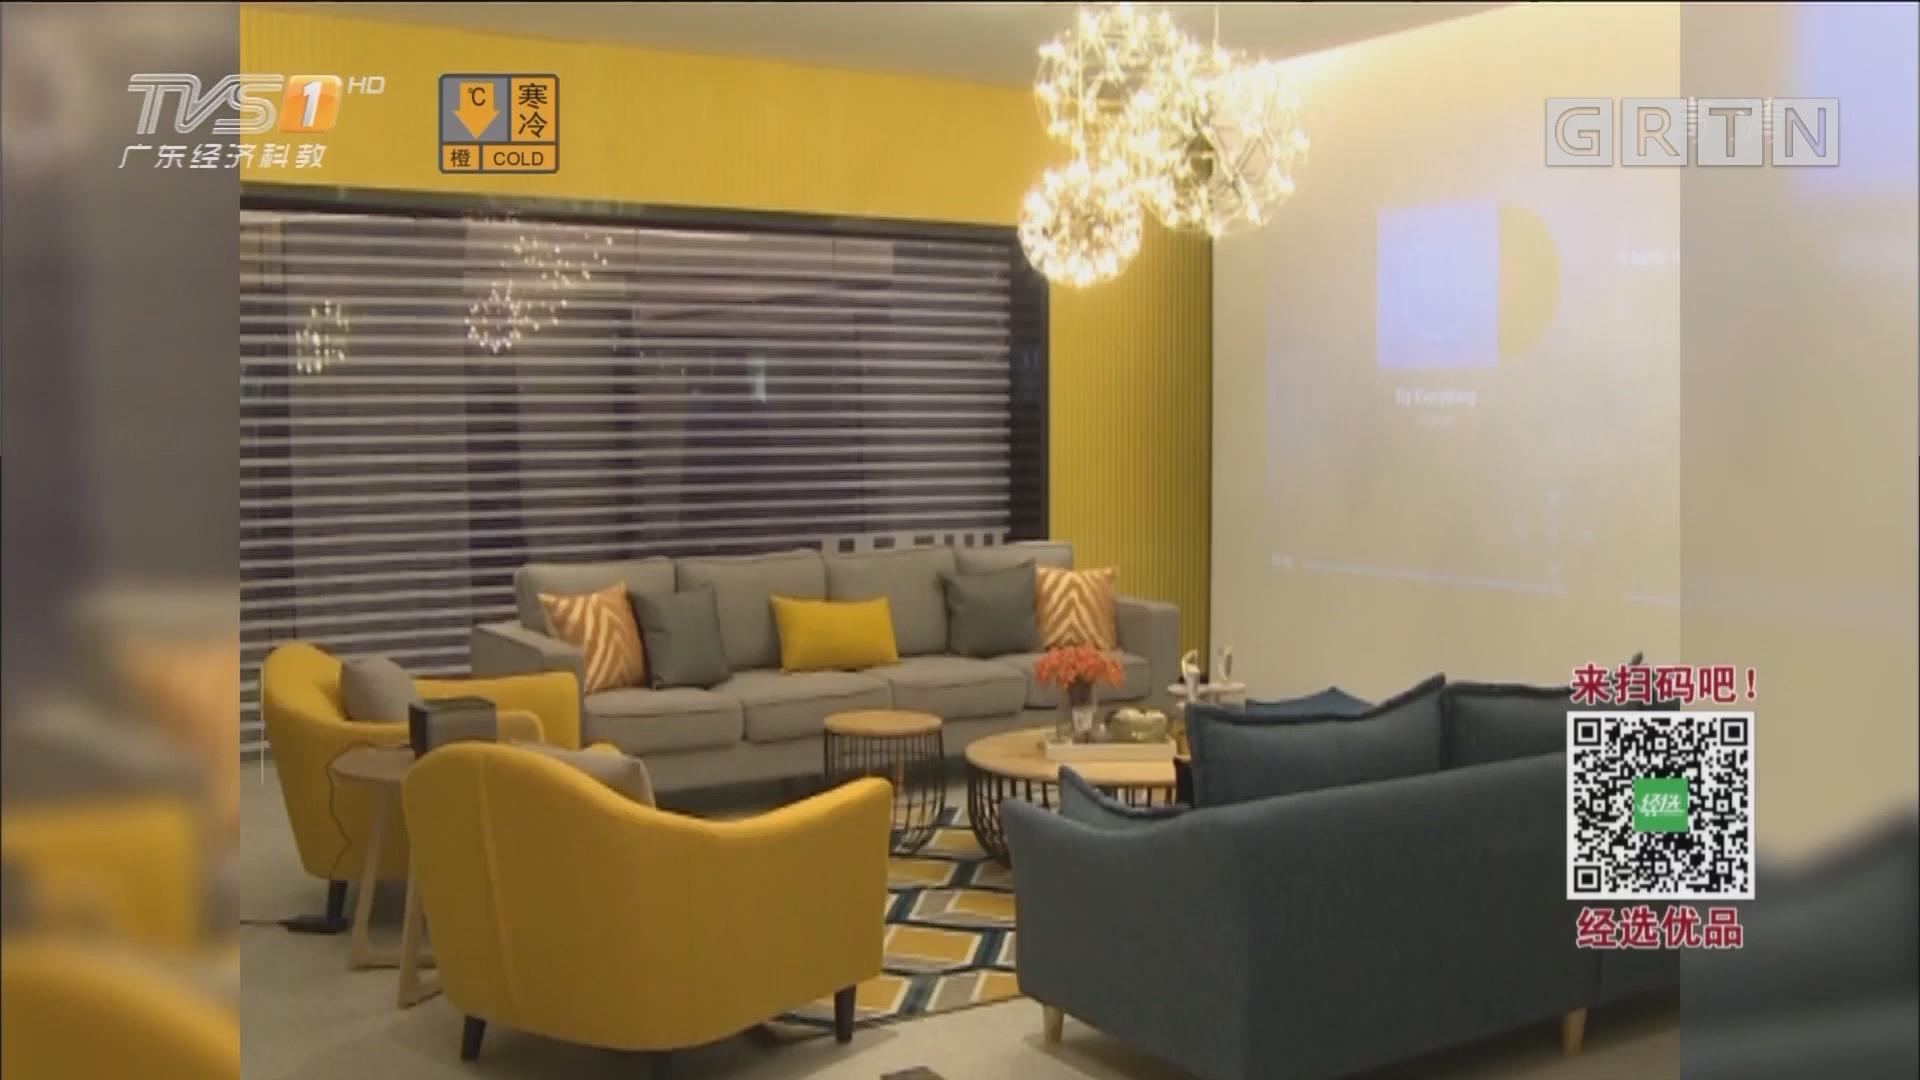 碧桂园预计3年运营100万套长租公寓